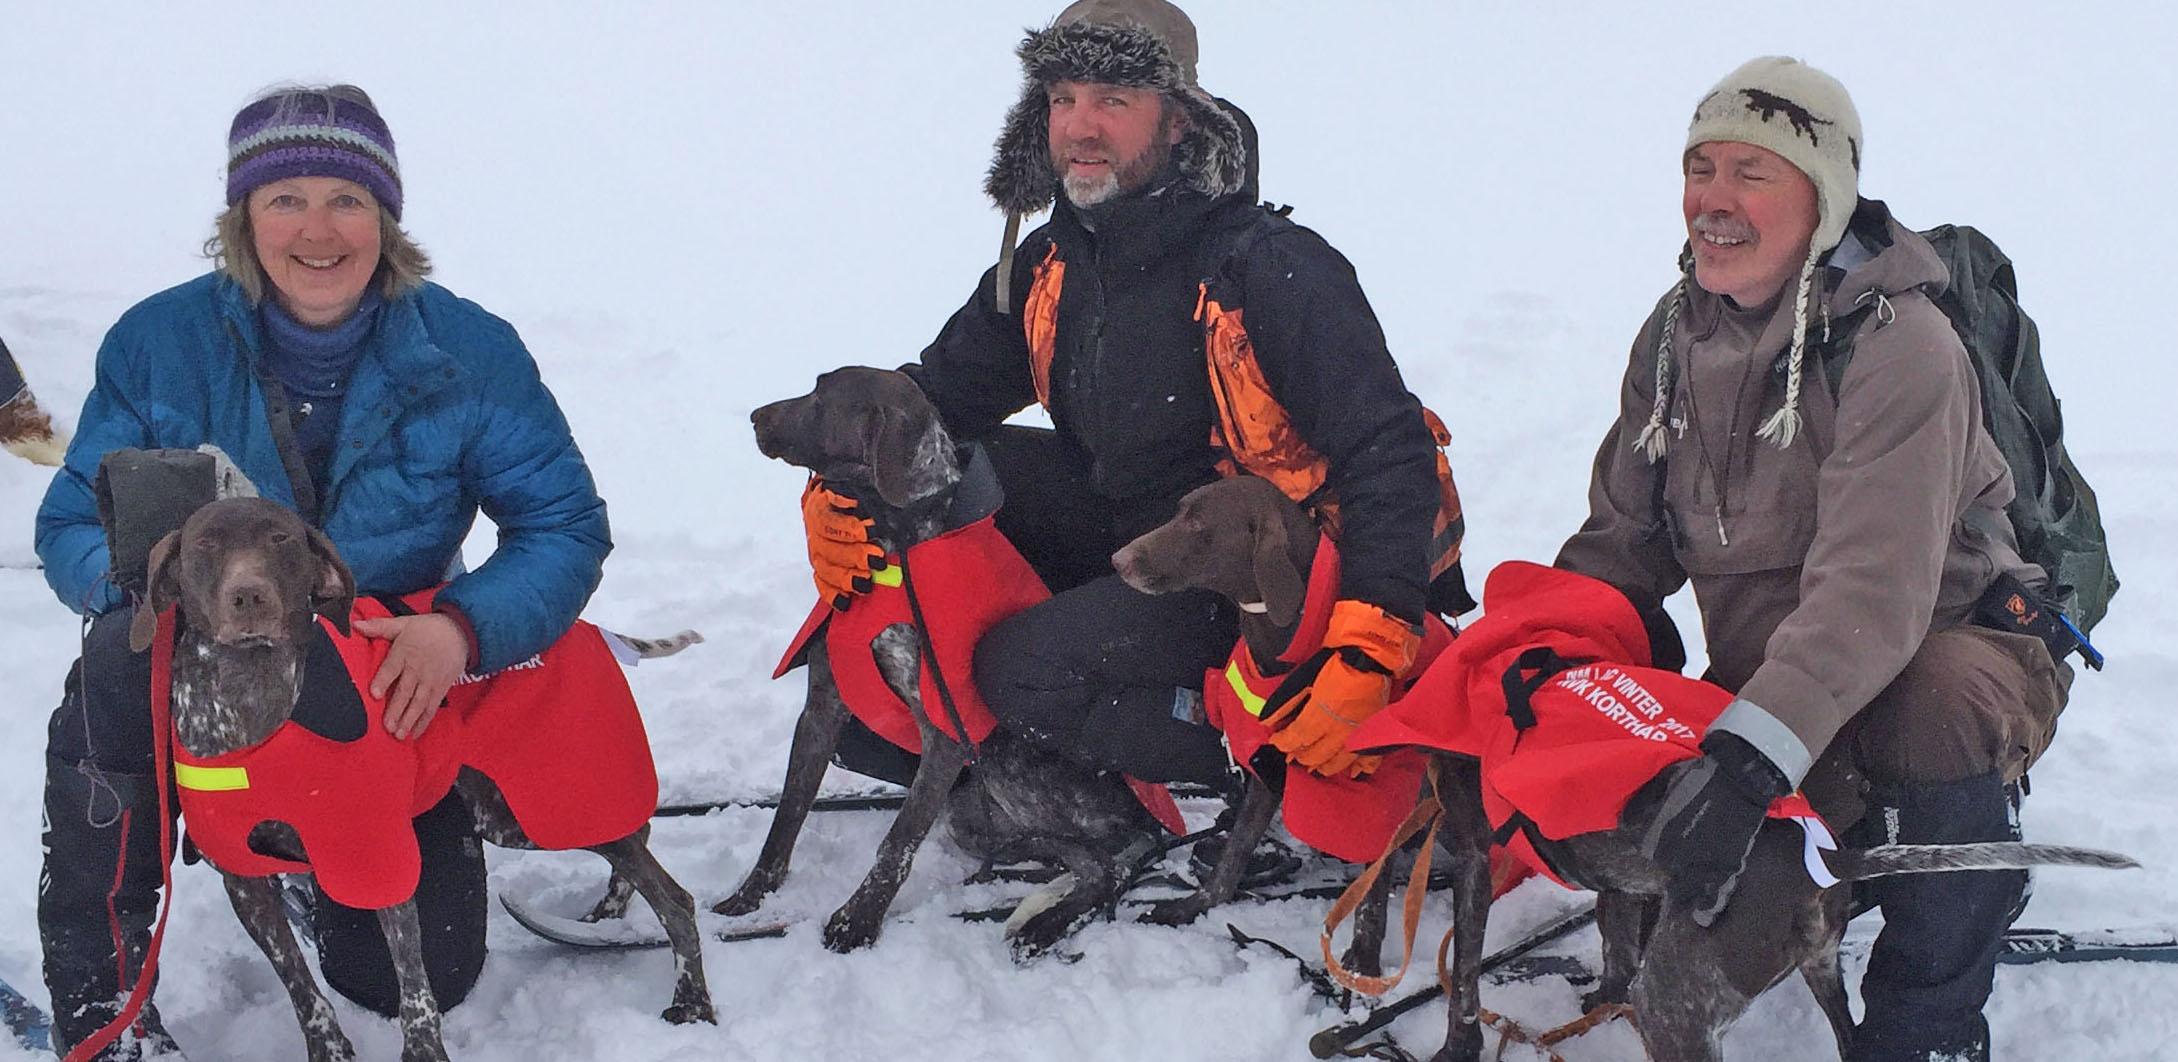 KV laget NM-gull vinter 2017: Anne Maj Krogh/Itza's Heidi, Robert Brenden/Tiurjegernes Solo av Sognexpressen og Ulf Antonsen/Rypesteggens Ravna,